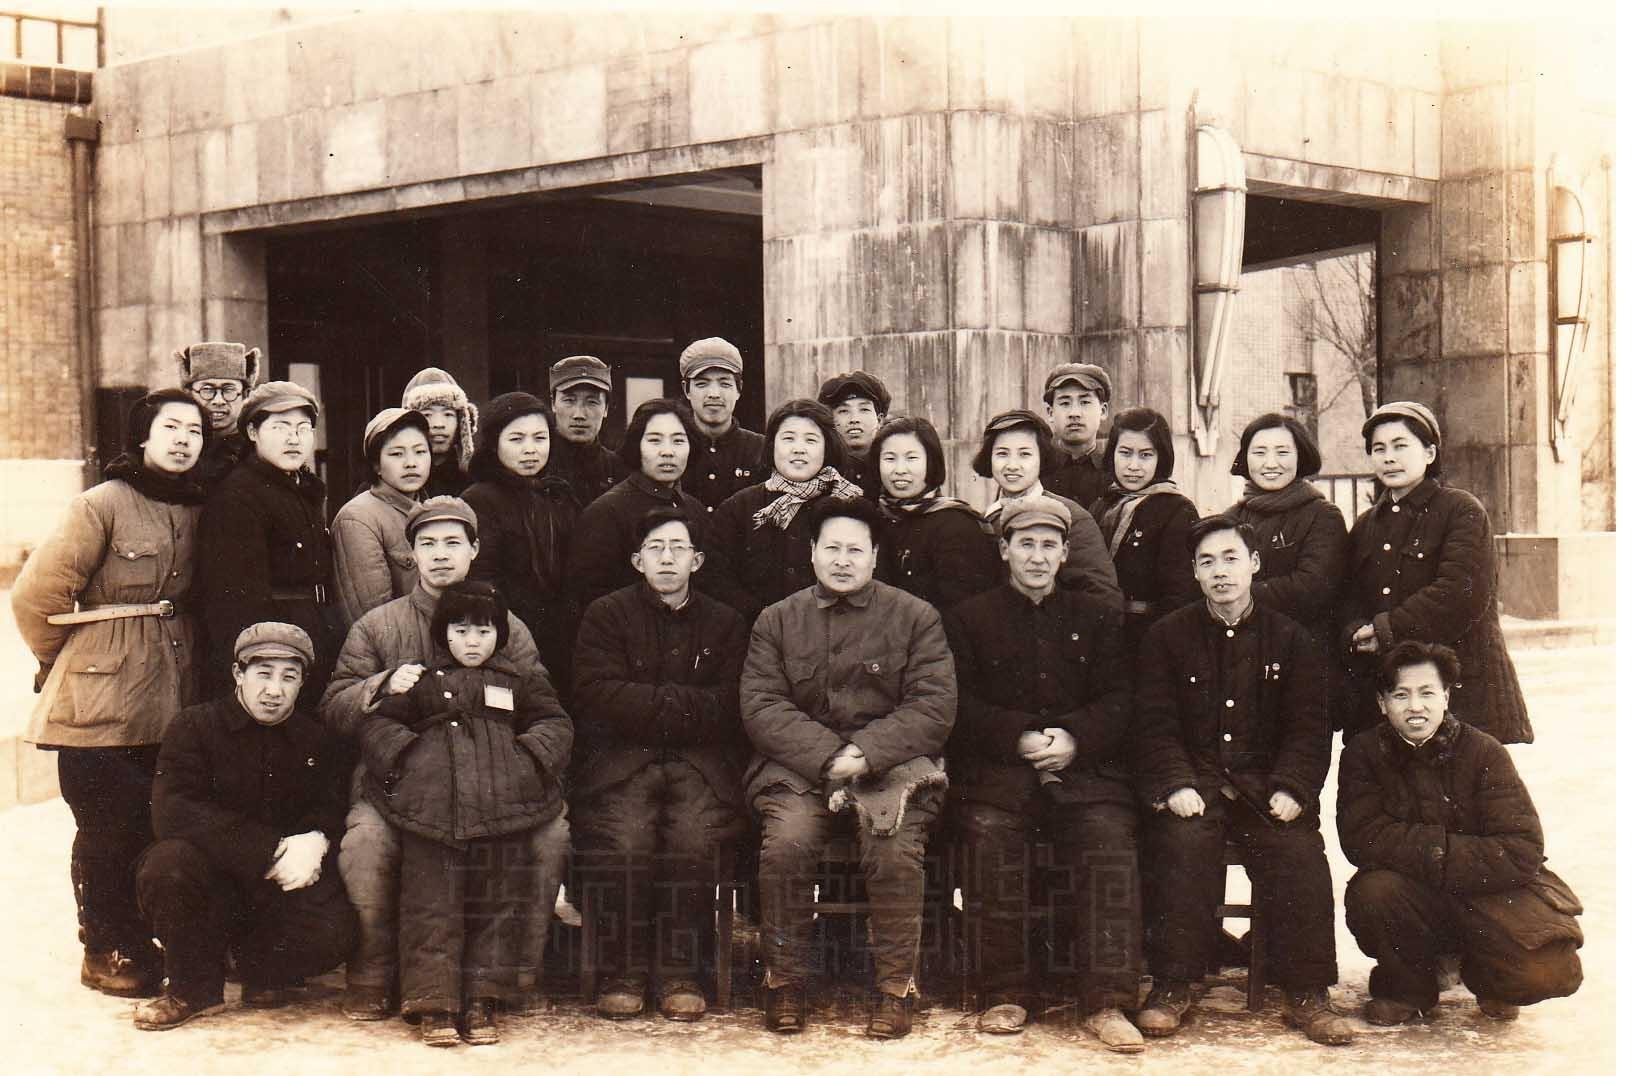 1950年东北电影制片厂美术片组全体人员迁往上海的纪念照(段孝萱提供)